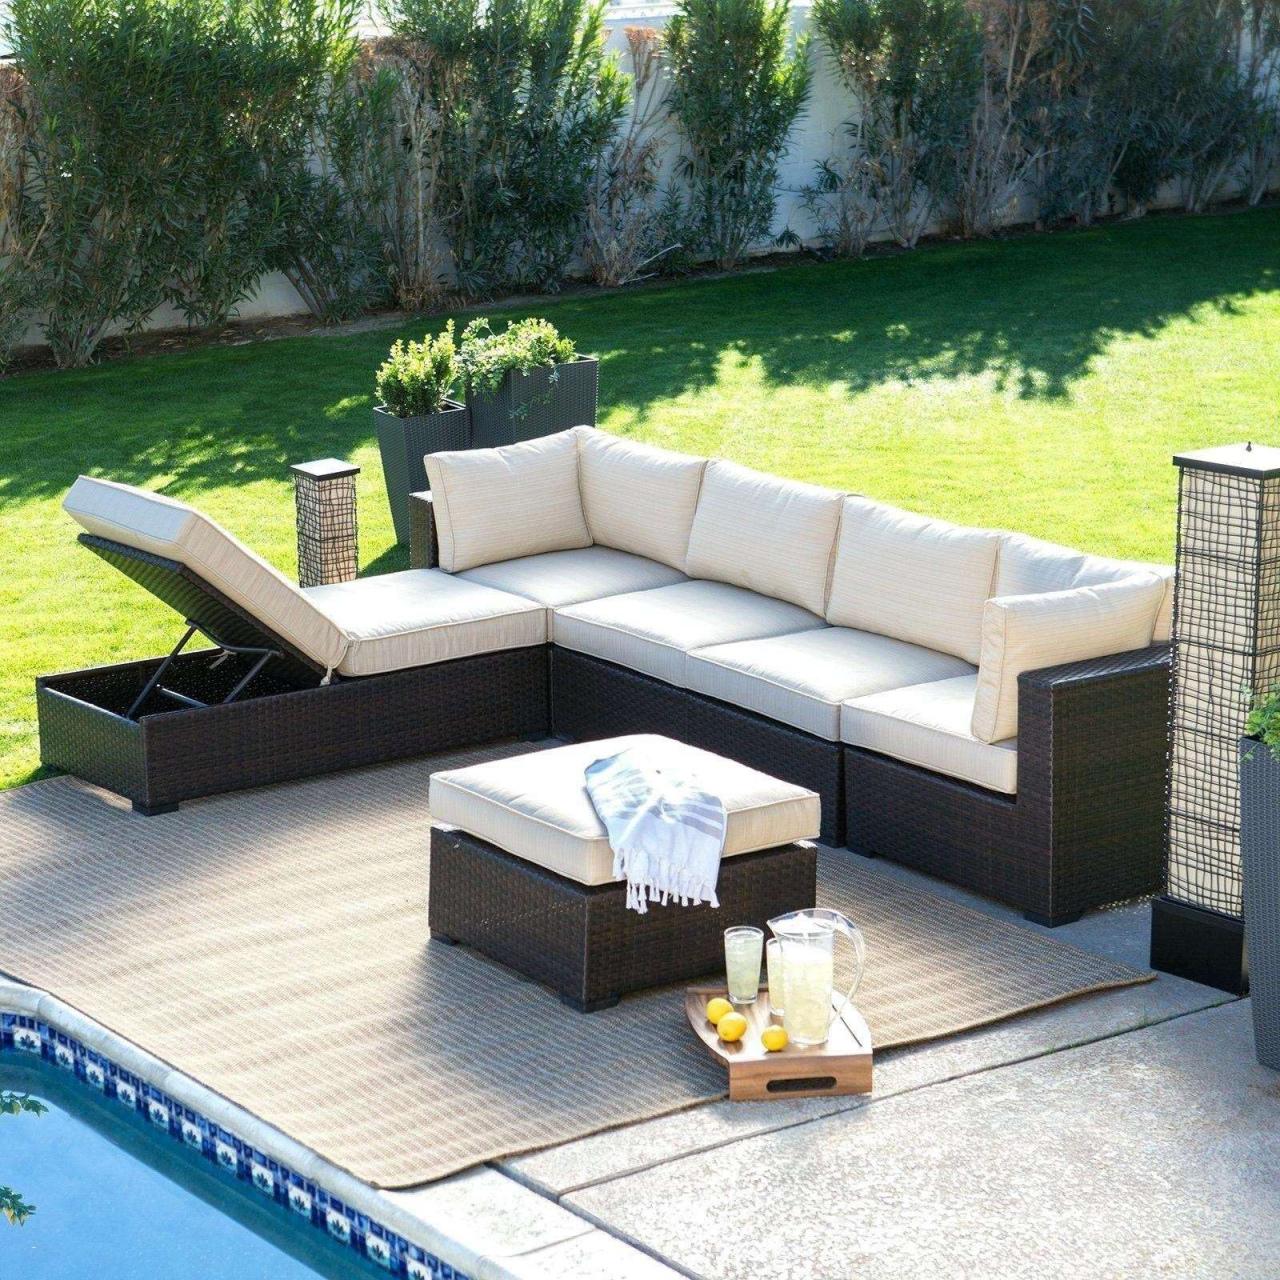 cheap patio chairs rattan couch garten frisch backyard patio furniture awesome wicker durch cheap patio chairs